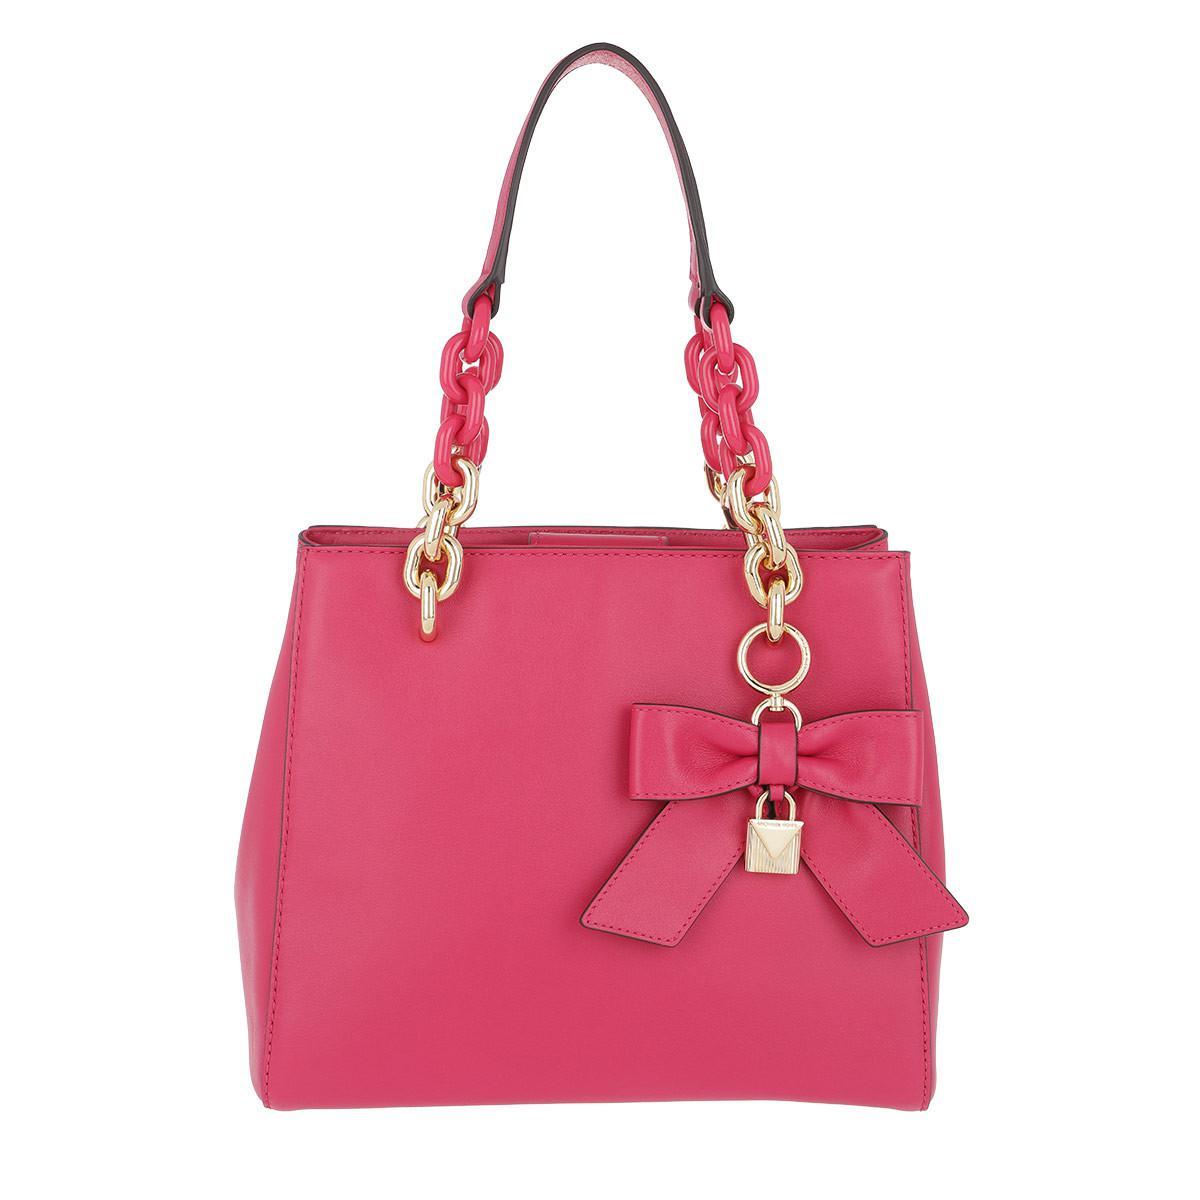 07b5c790e348 ... purchase michael kors cynthia sm ns conv satchel bag ultra pink in pink  lyst 5707a 3318b